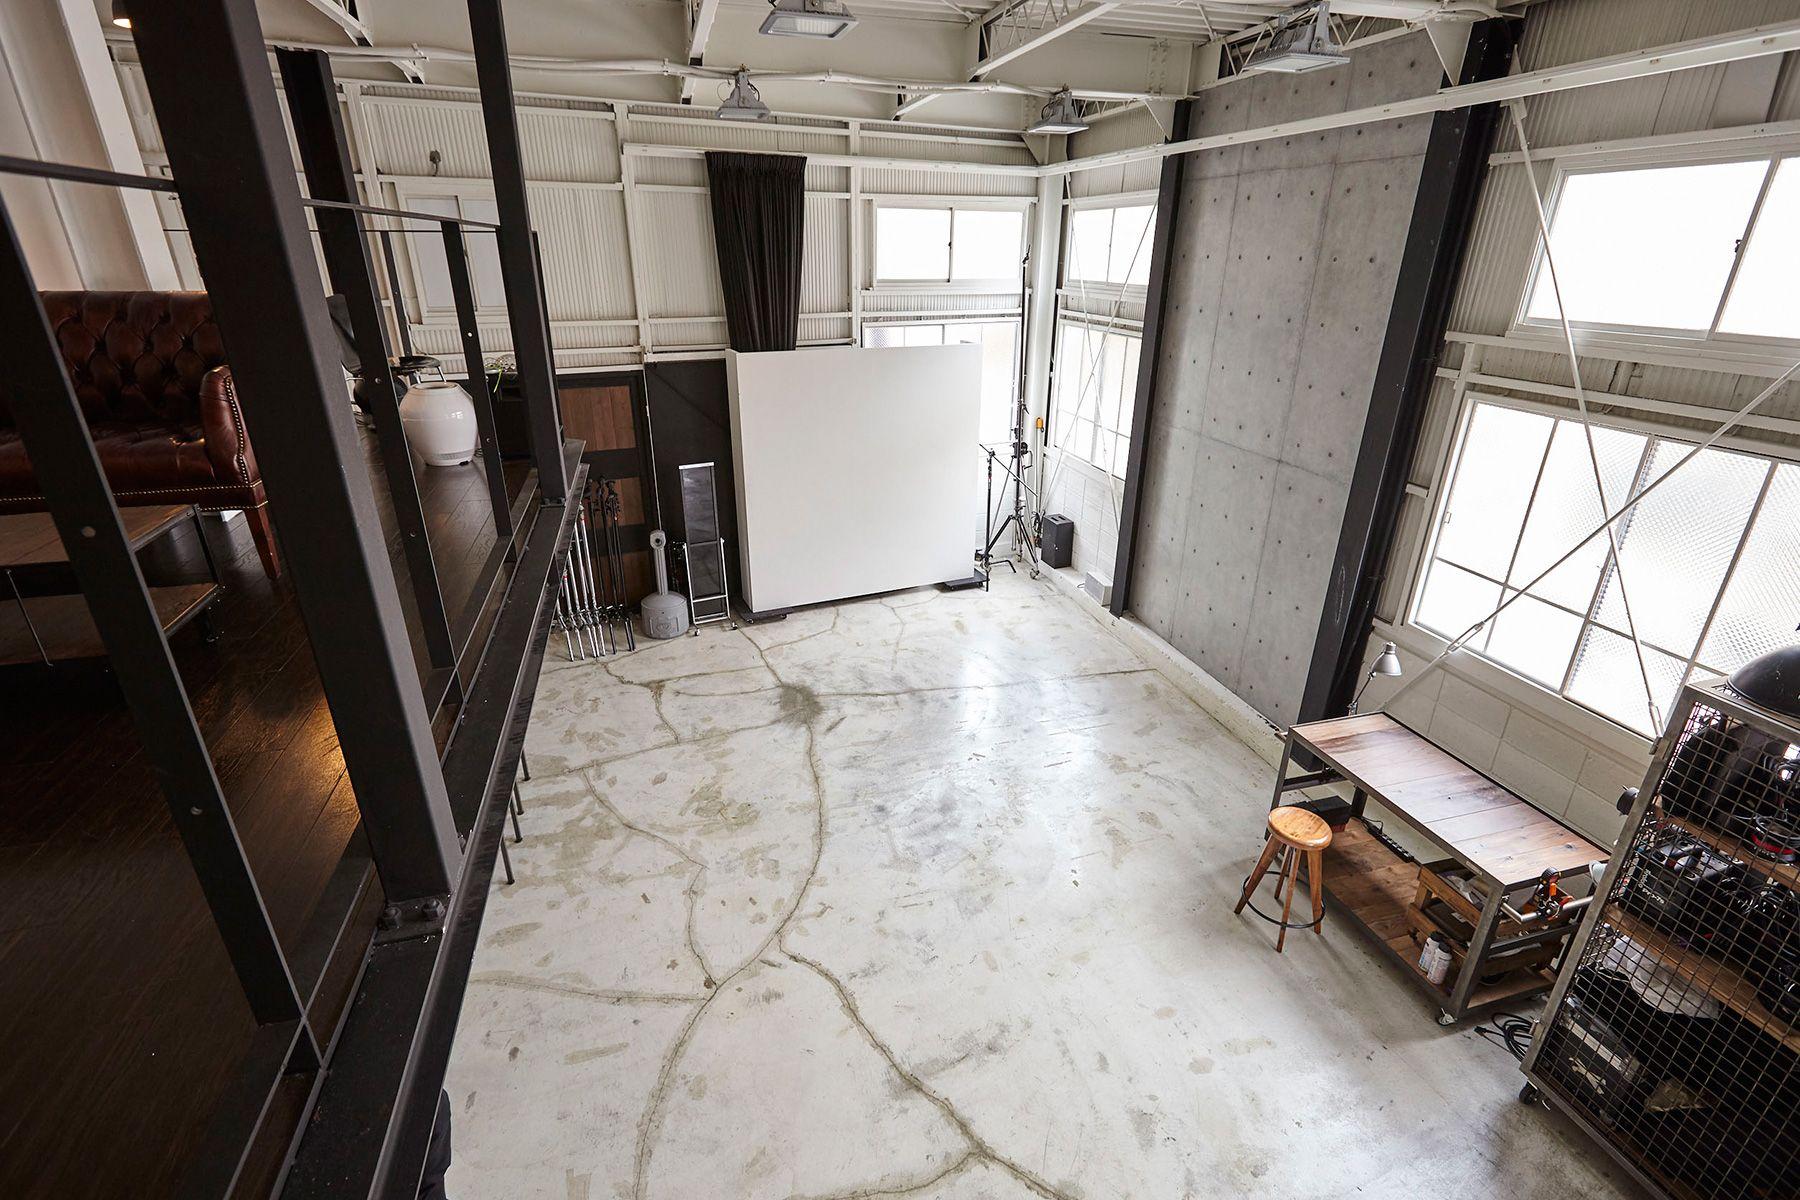 Studio I-AM (スタジオ アイアム)1F ロフトから俯瞰